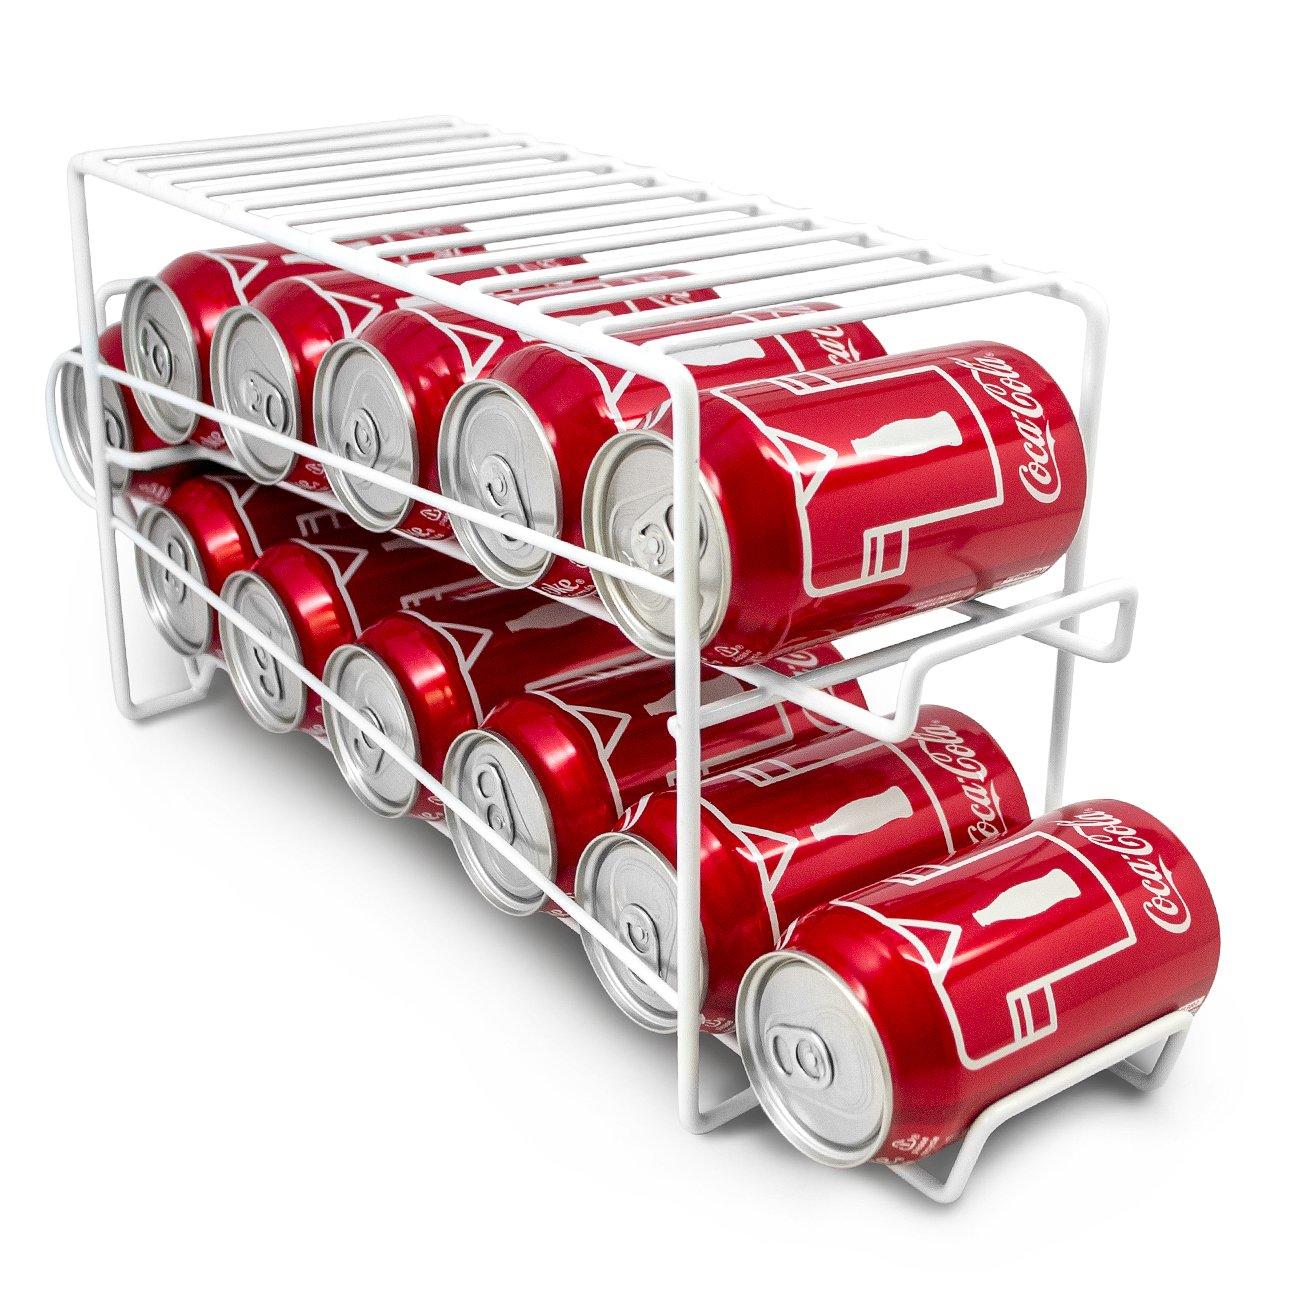 Refrigerator Soda Can Dispenser Beverage Holder Rack